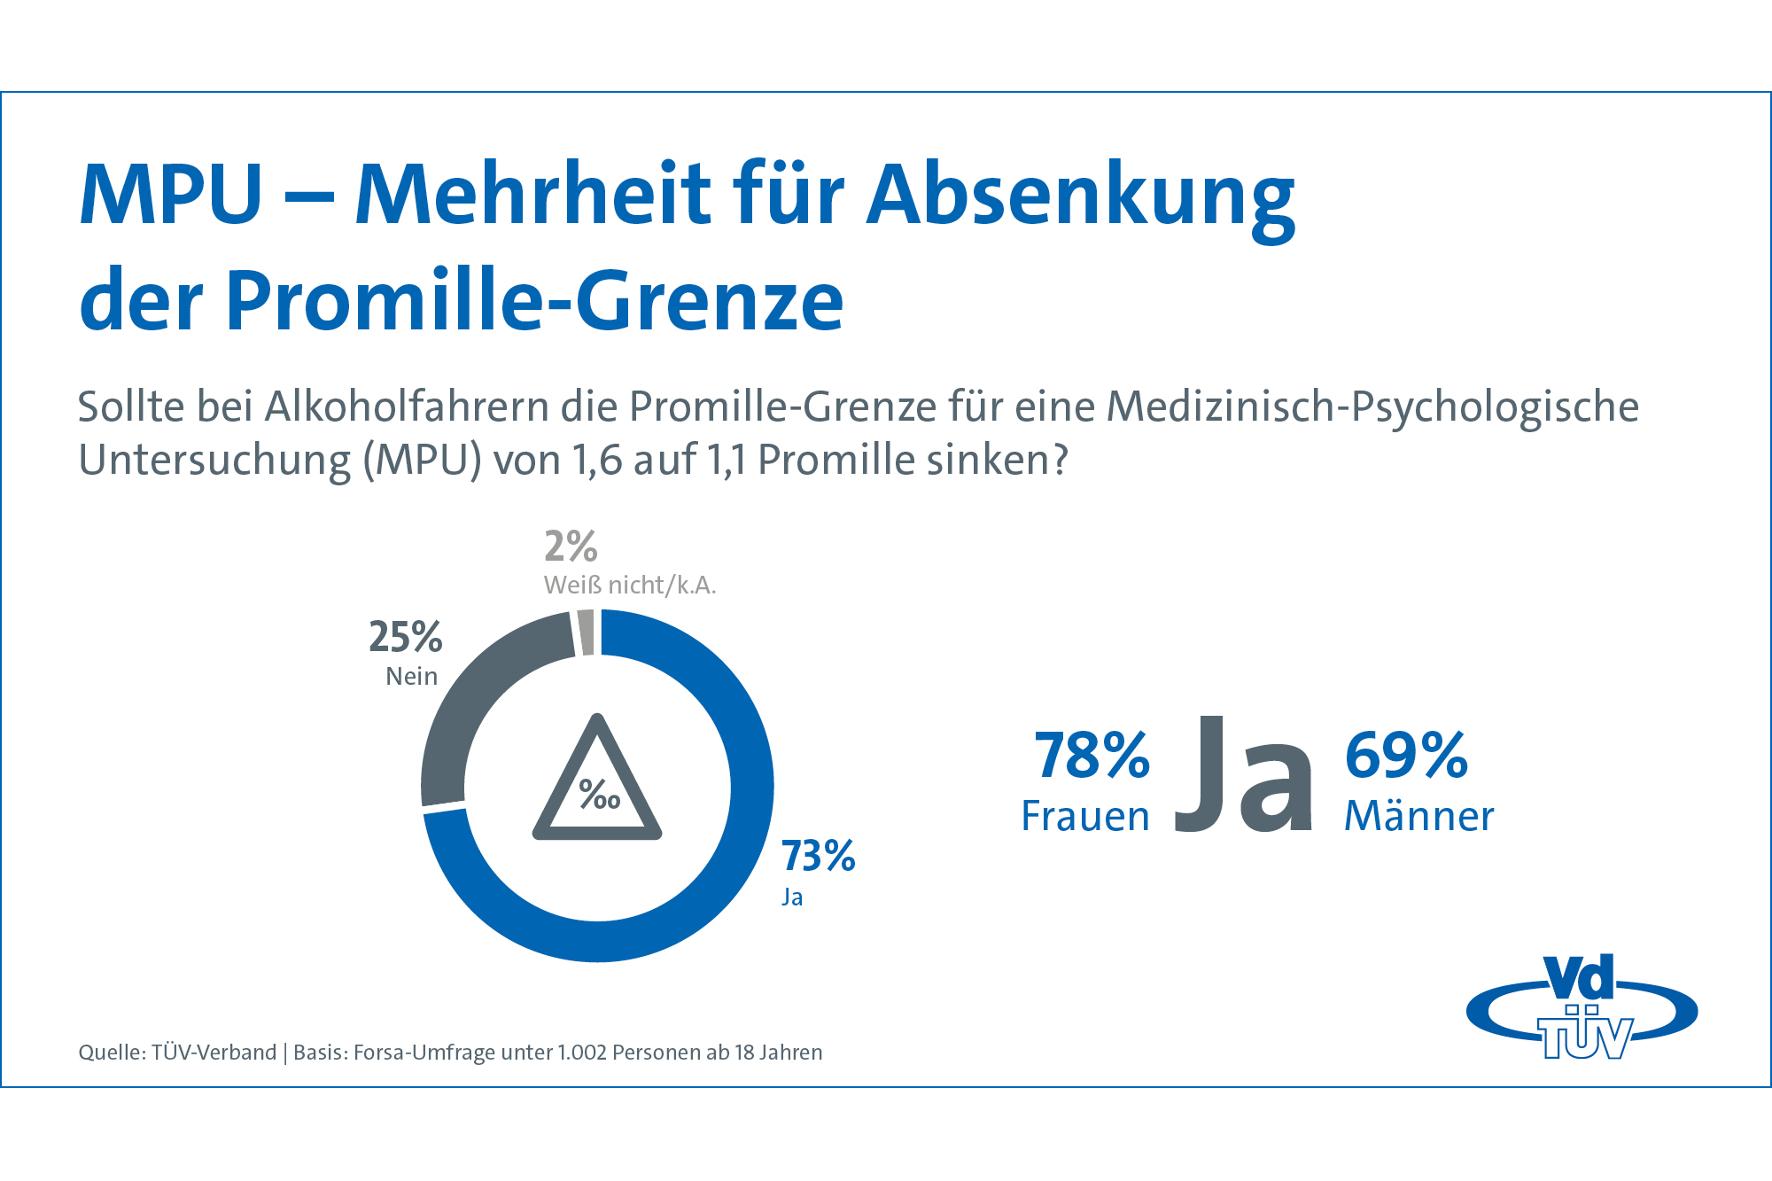 mid Groß-Gerau - Die Mehrheit der Deutschen wünscht sich eine Anordnung der MPU bereits bei niedrigeren Promille-Werten, hat der TÜV-Verband per Umfrage herausgefunden. TÜV-Verband